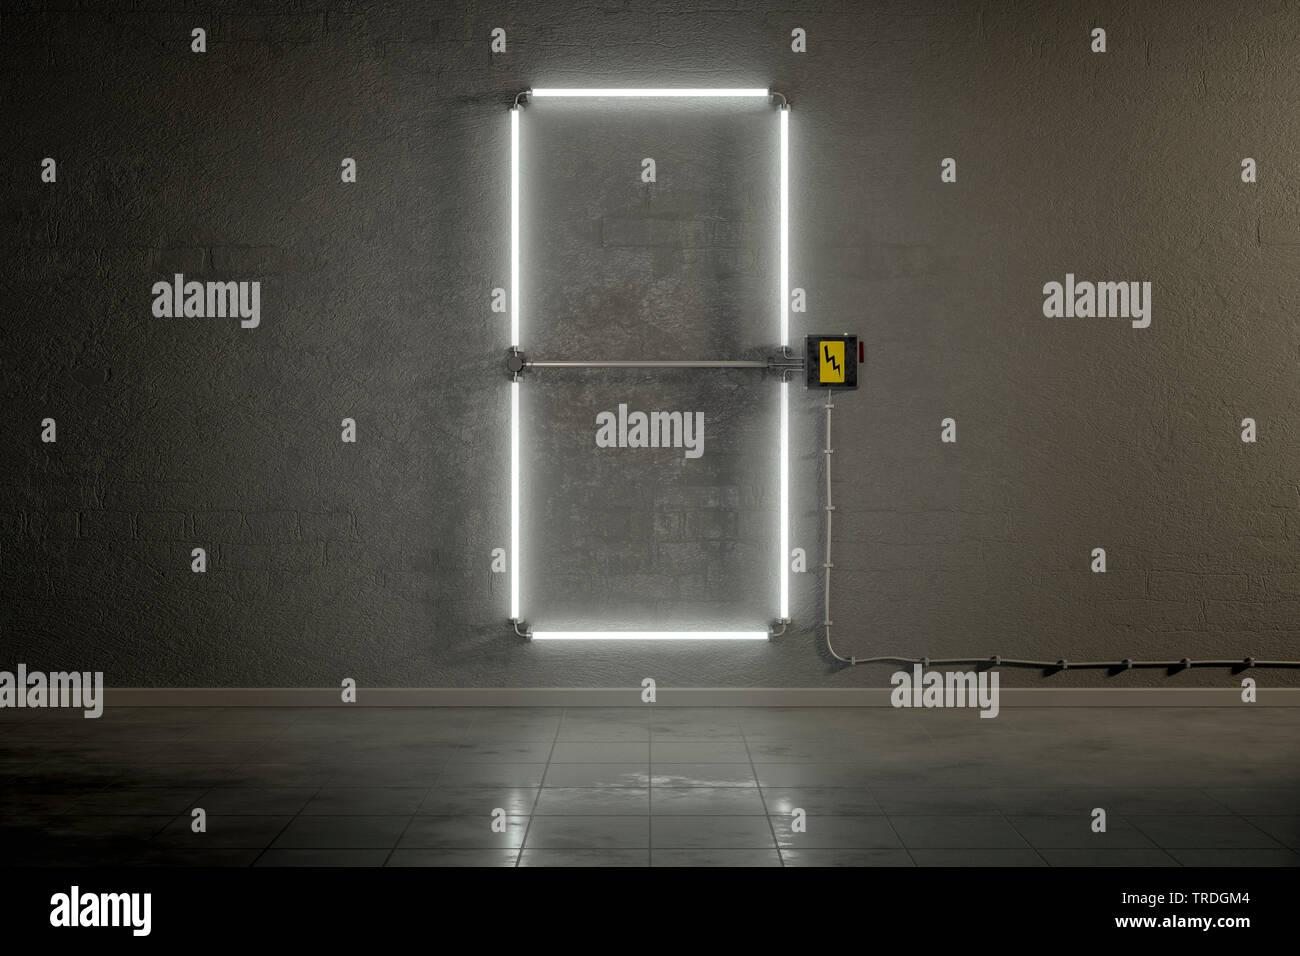 3D-Computergrafik, Einstellige Zaehler-Anzeige aus Neonlampen die Zahl 0 darstellend    3D computer graphic, one-digit counter built out of neon tubes - Stock Image